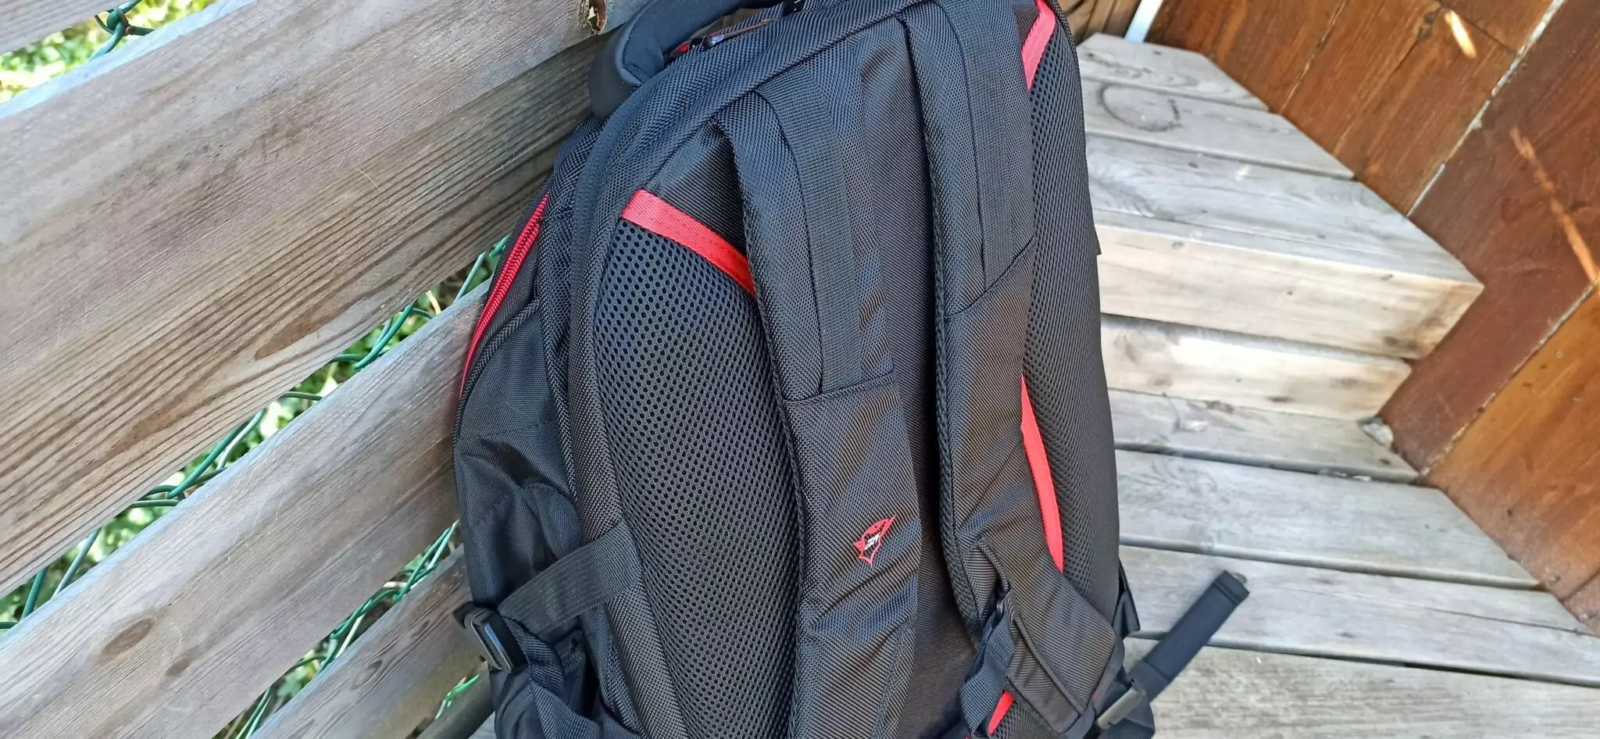 GXT 1250 portage